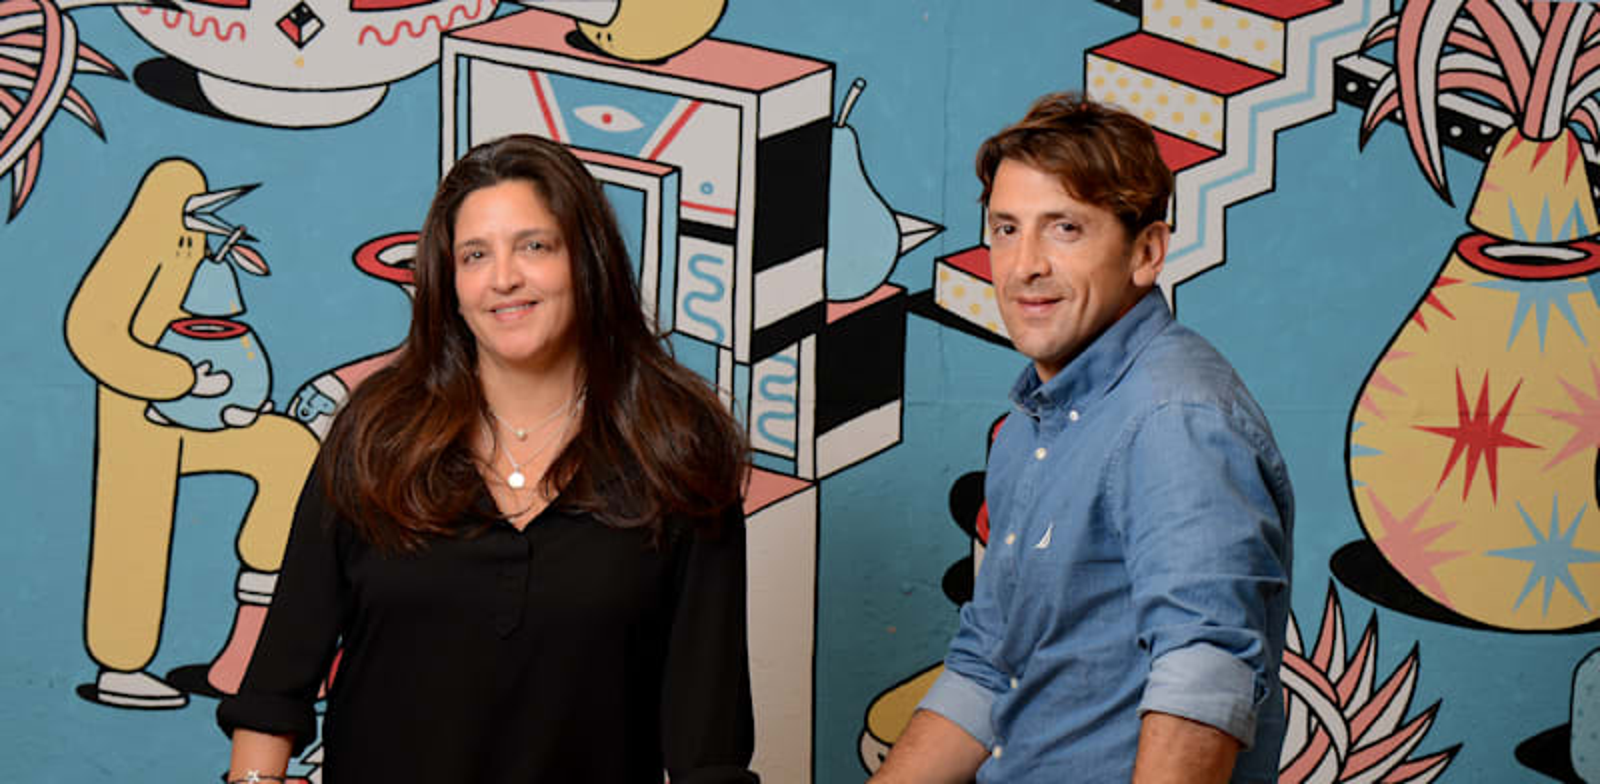 סיון בלסנהיים ועמליה פז, ממייסדי קהילת בריקס / צילום: איל יצהר